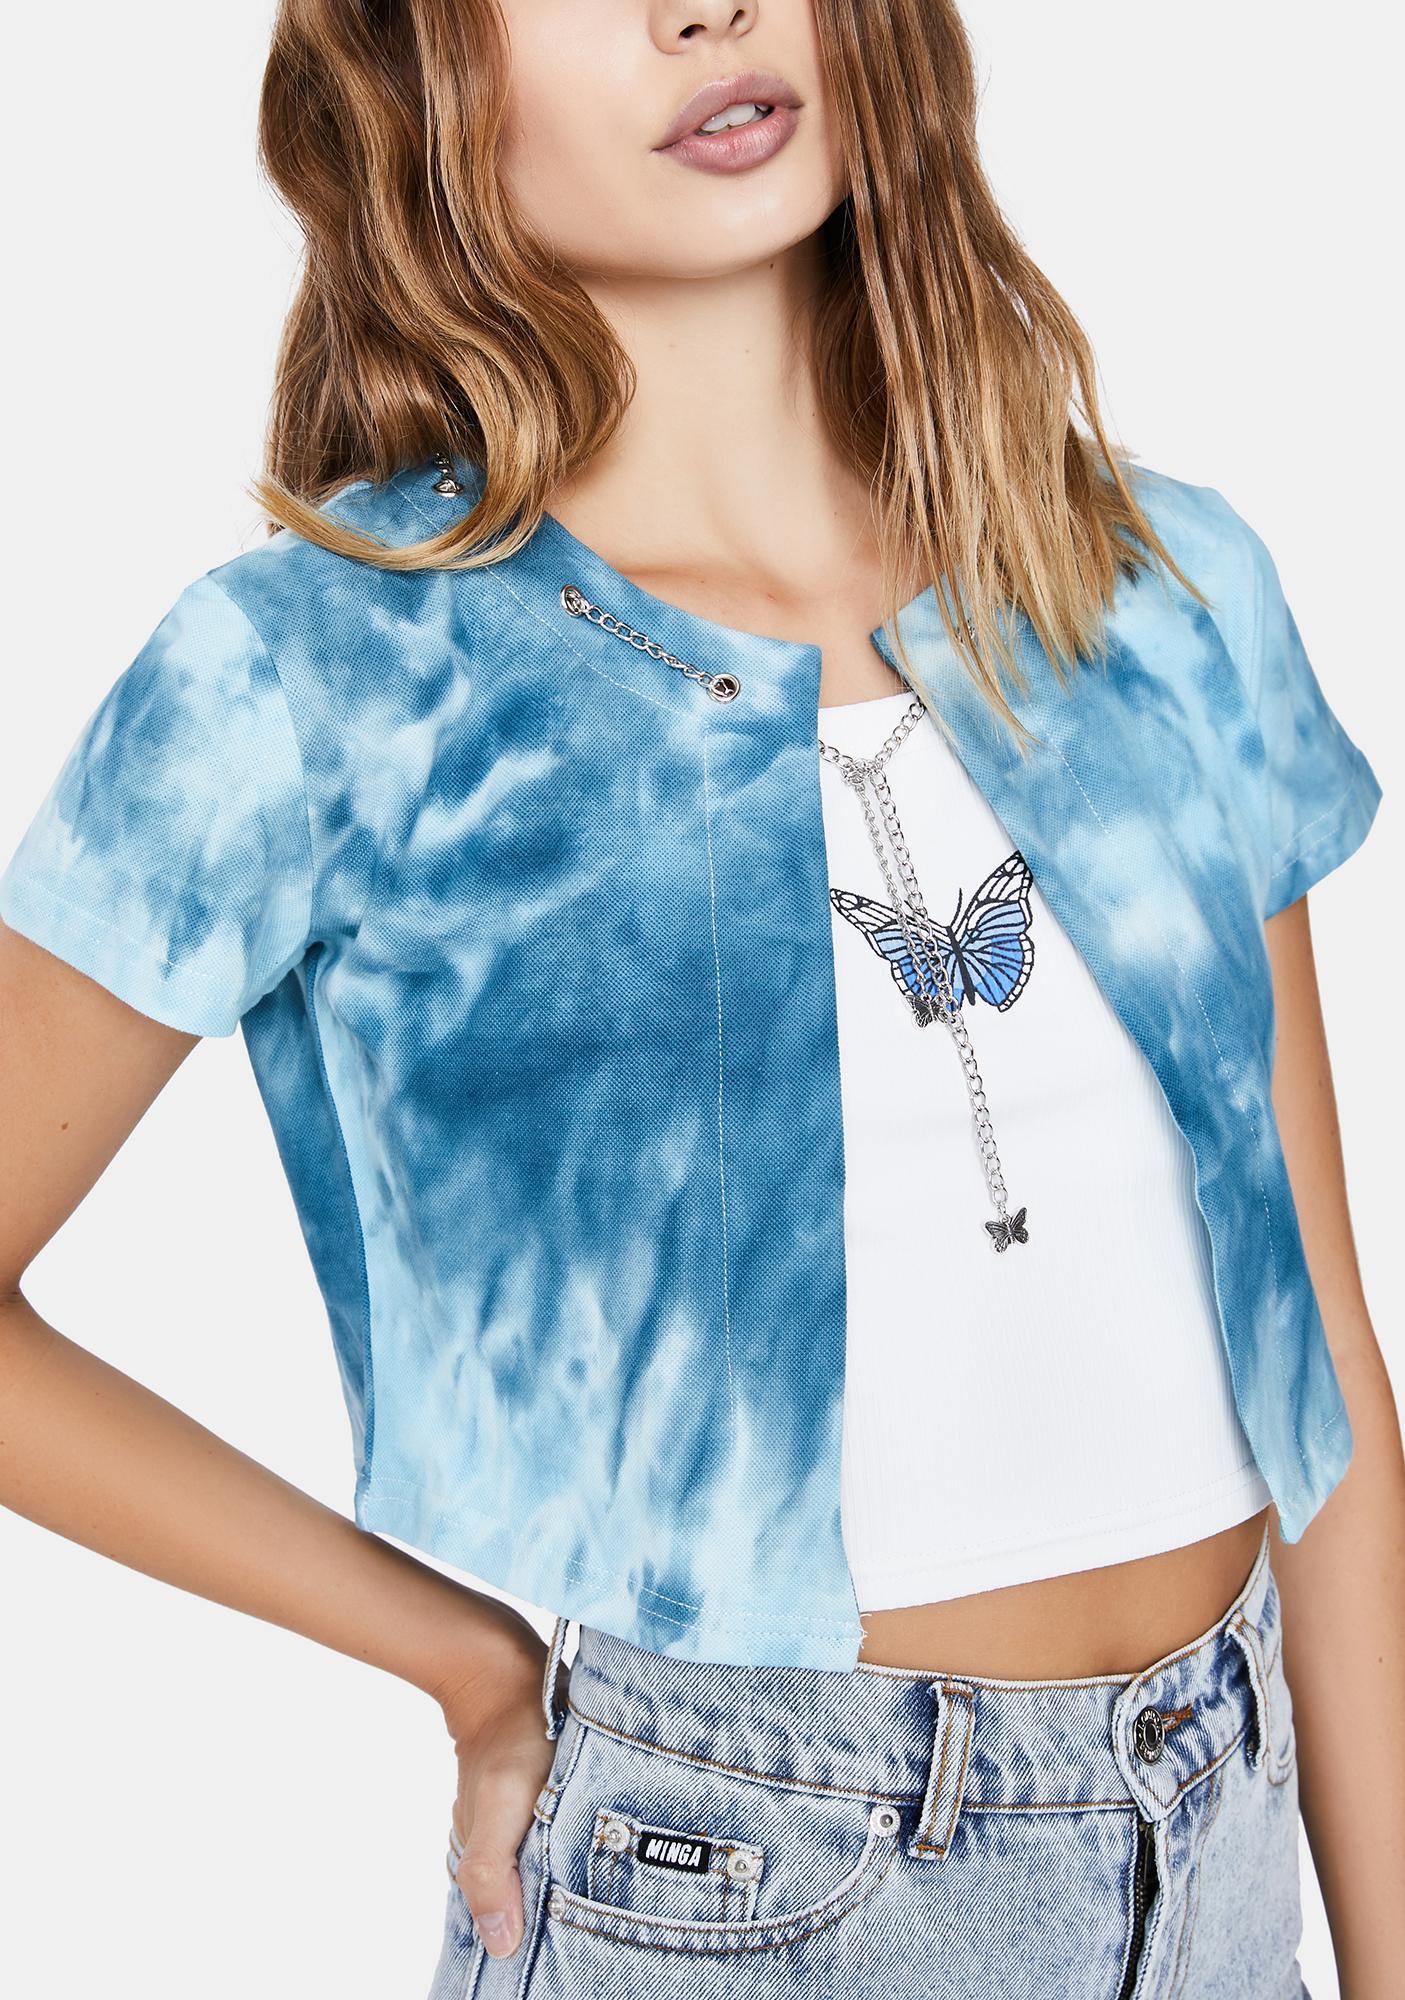 ZEMETA Tie Dye Butterfly Chain Cardigan